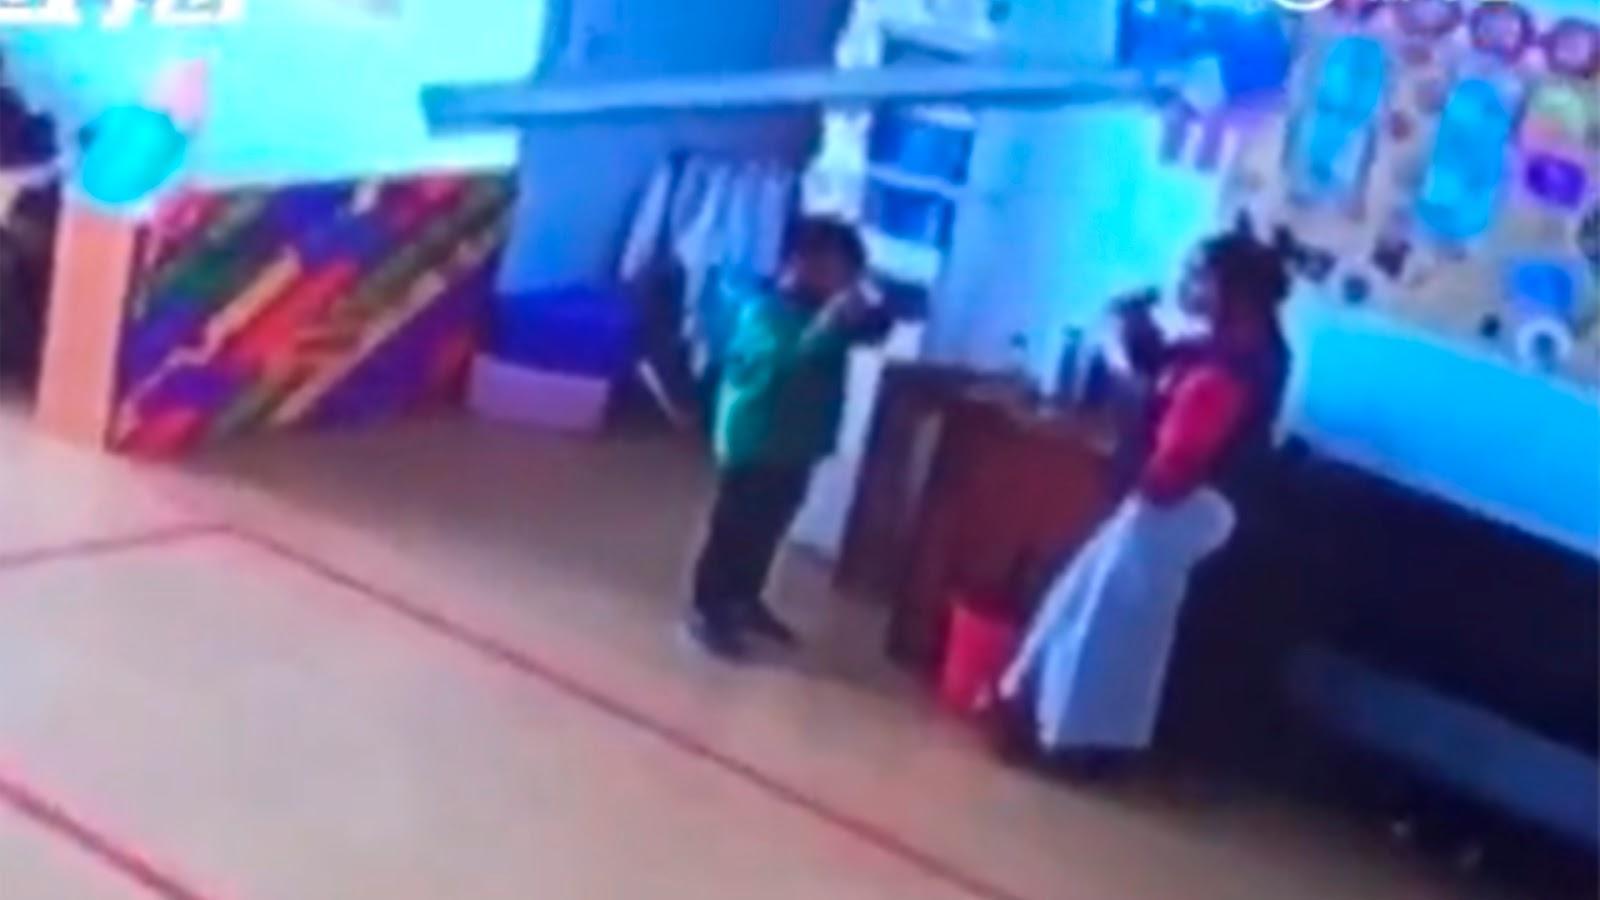 Miss castiga a alumnos haciéndolos beber agua hirviendo (VIDEO).